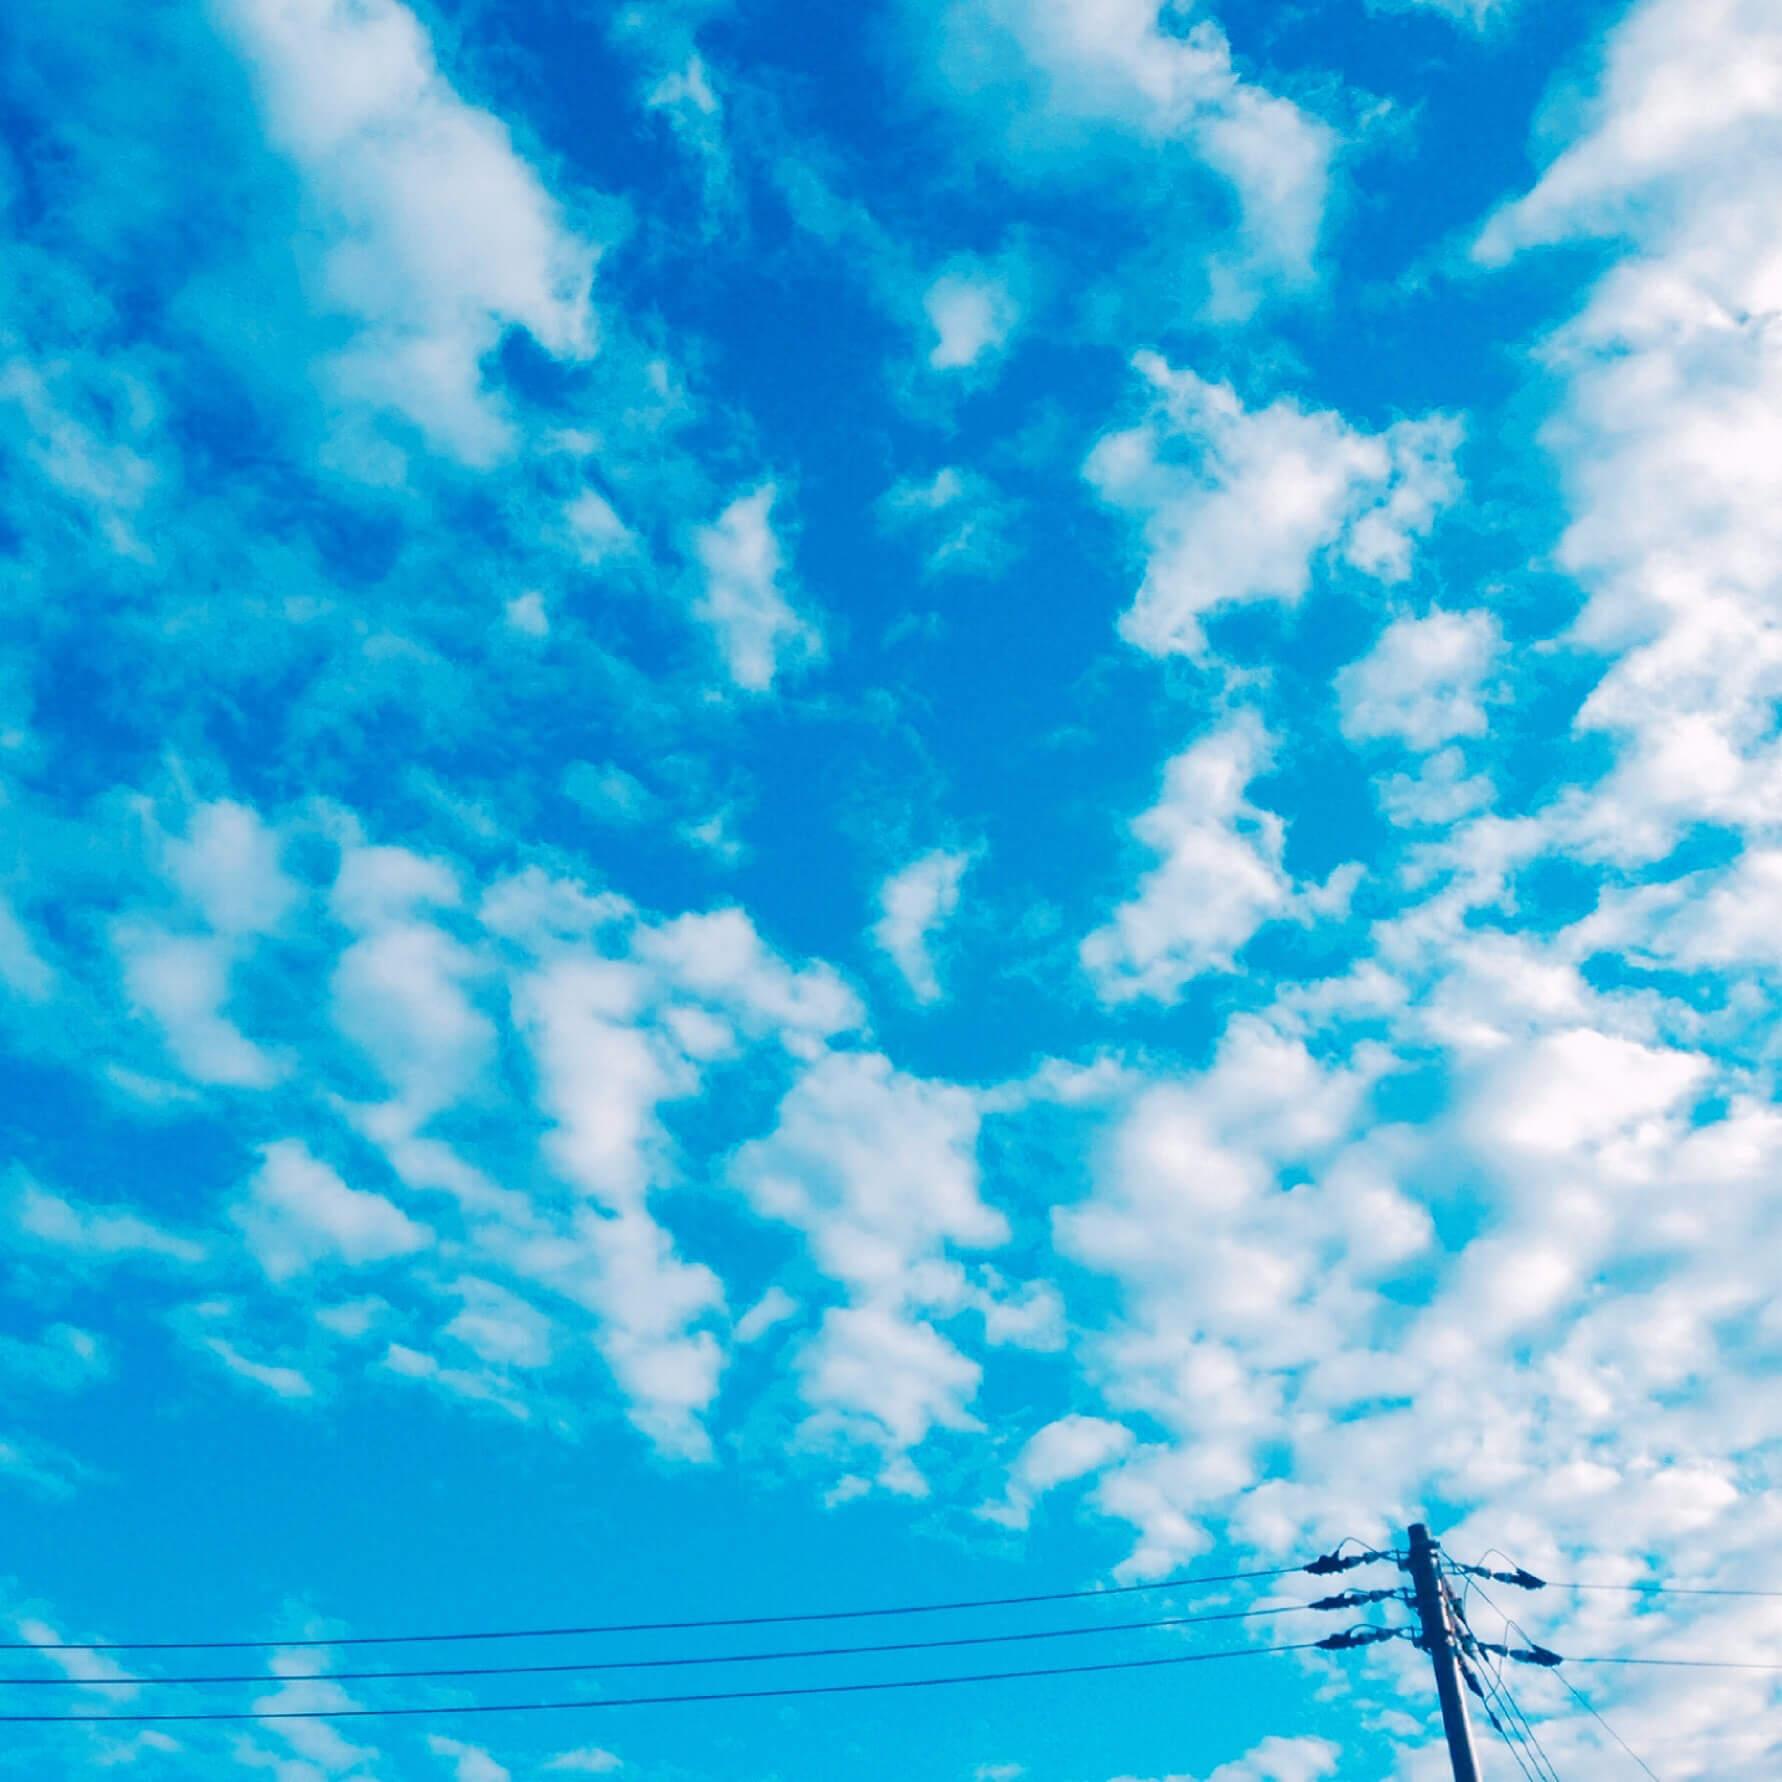 blue-clear-sky